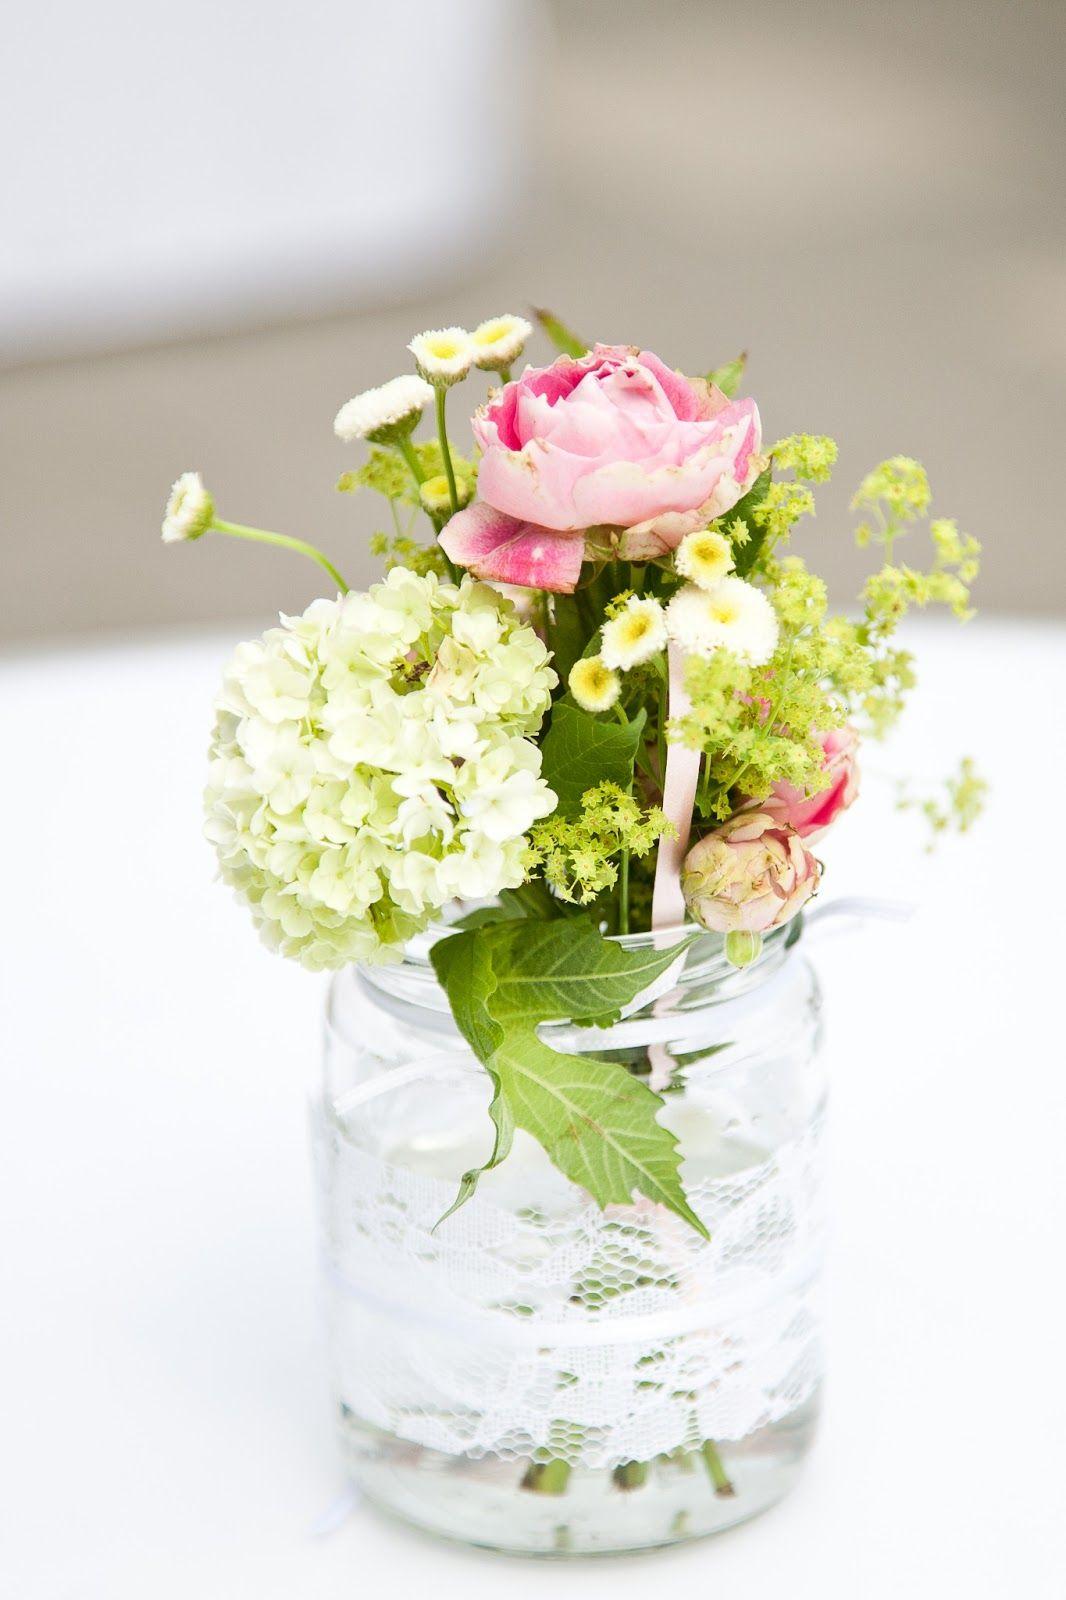 Blumen Tischdeko 1 Tischdeko Hochzeit Ehrenplatz Deko Rosen